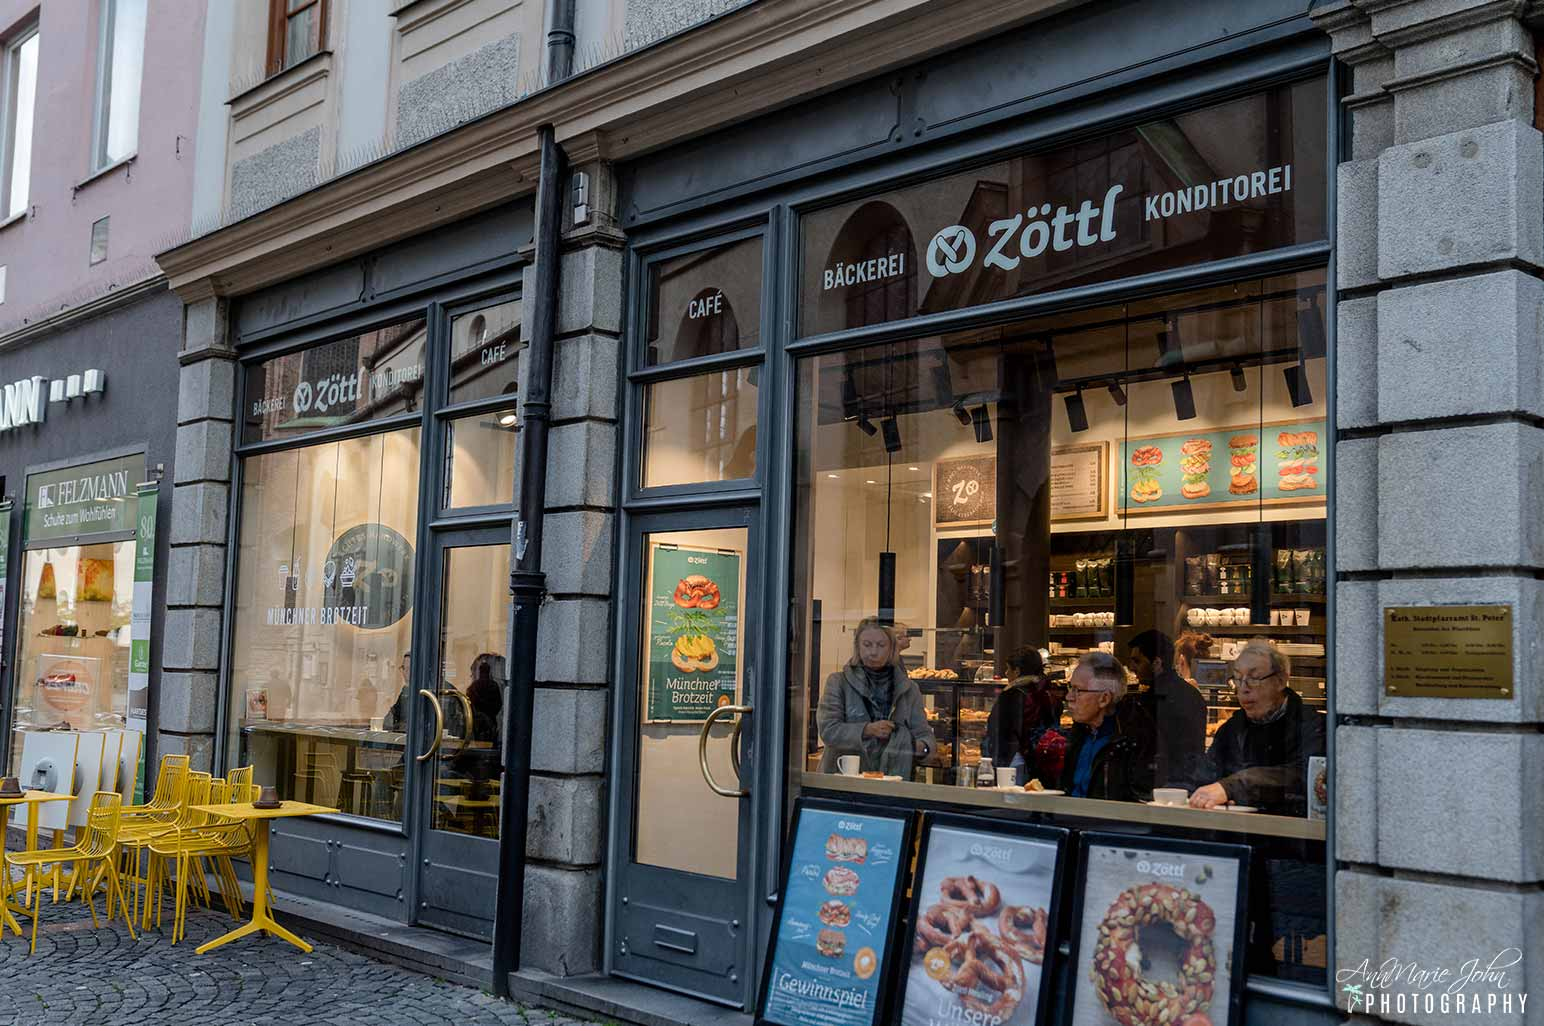 Restaurant in Munich